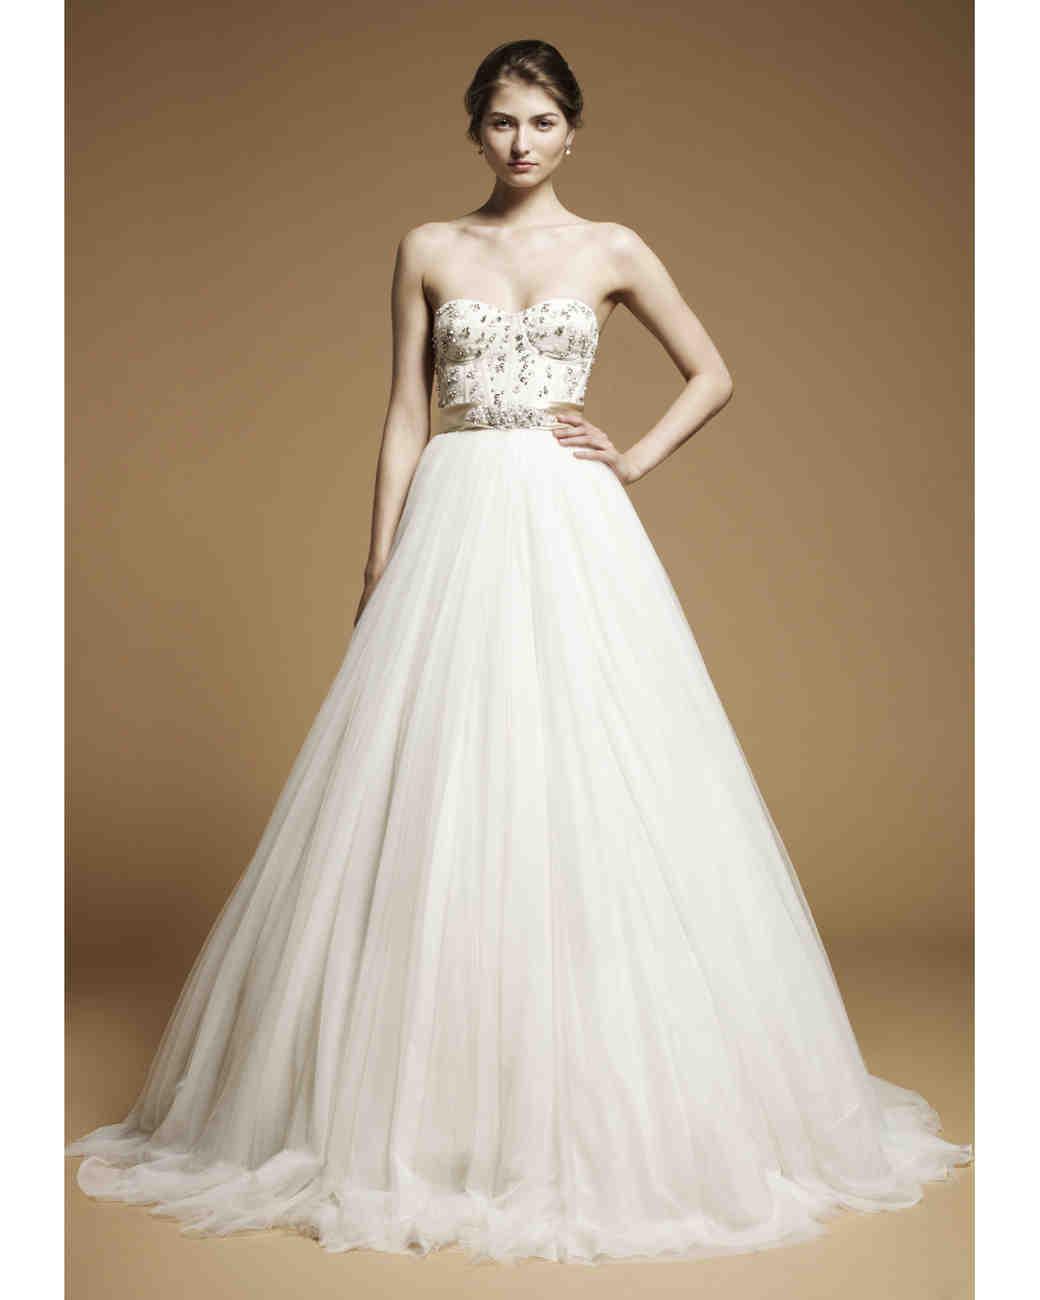 Fantastisch Hochzeitskleid Jenny Packham Bilder - Brautkleider Ideen ...